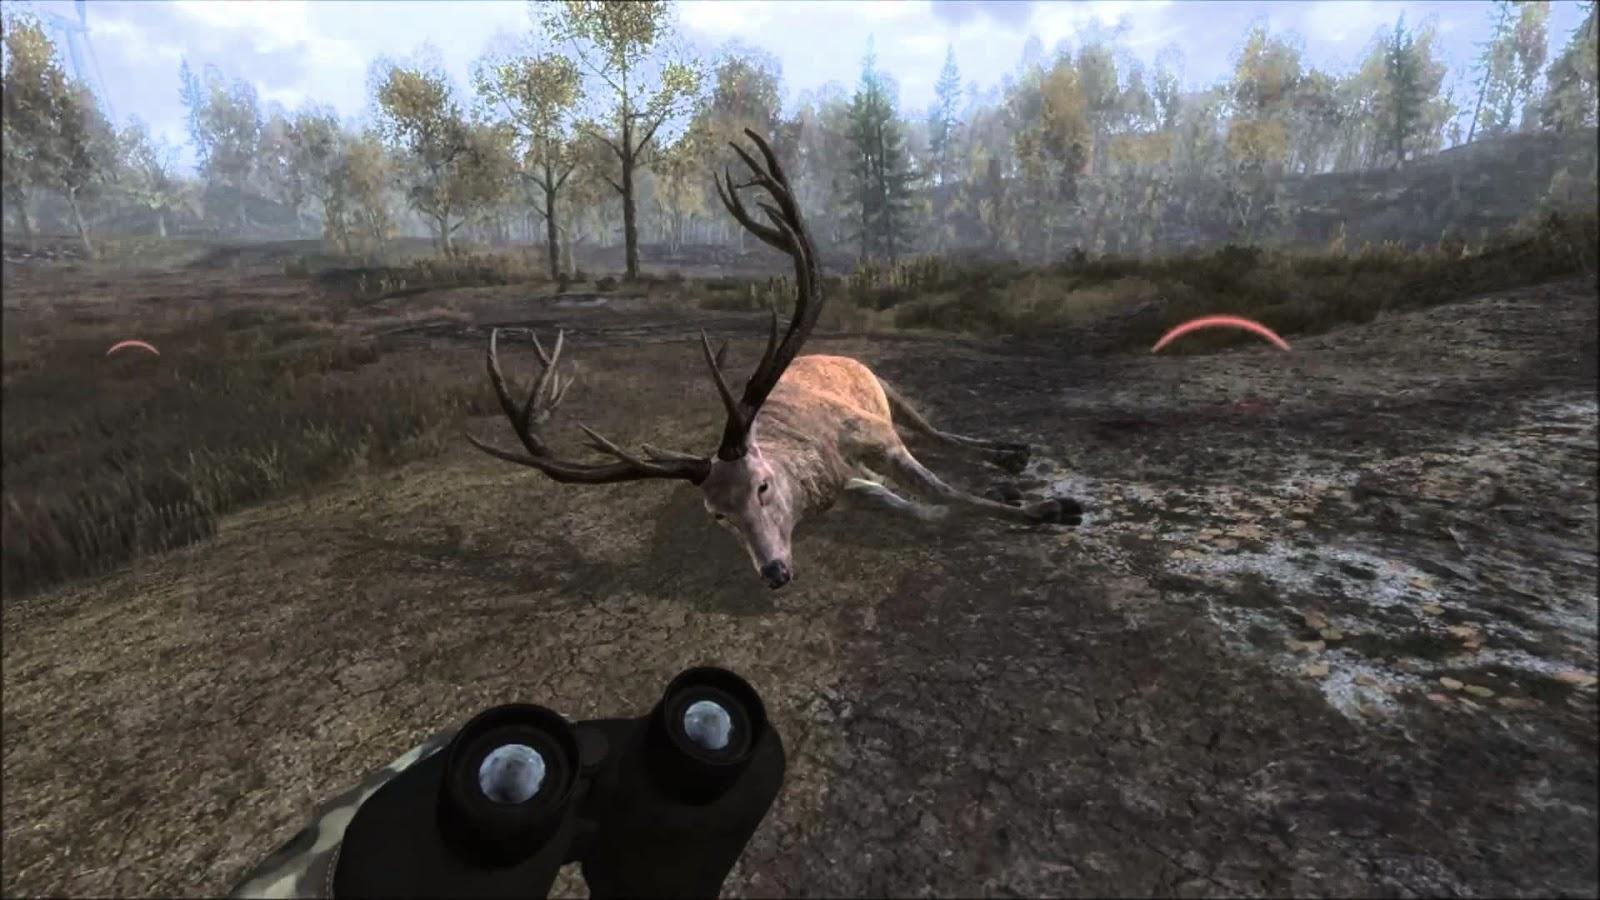 تحميل لعبة صيد الحيوانات في الغابة Hunting U Nnlimited مجانا